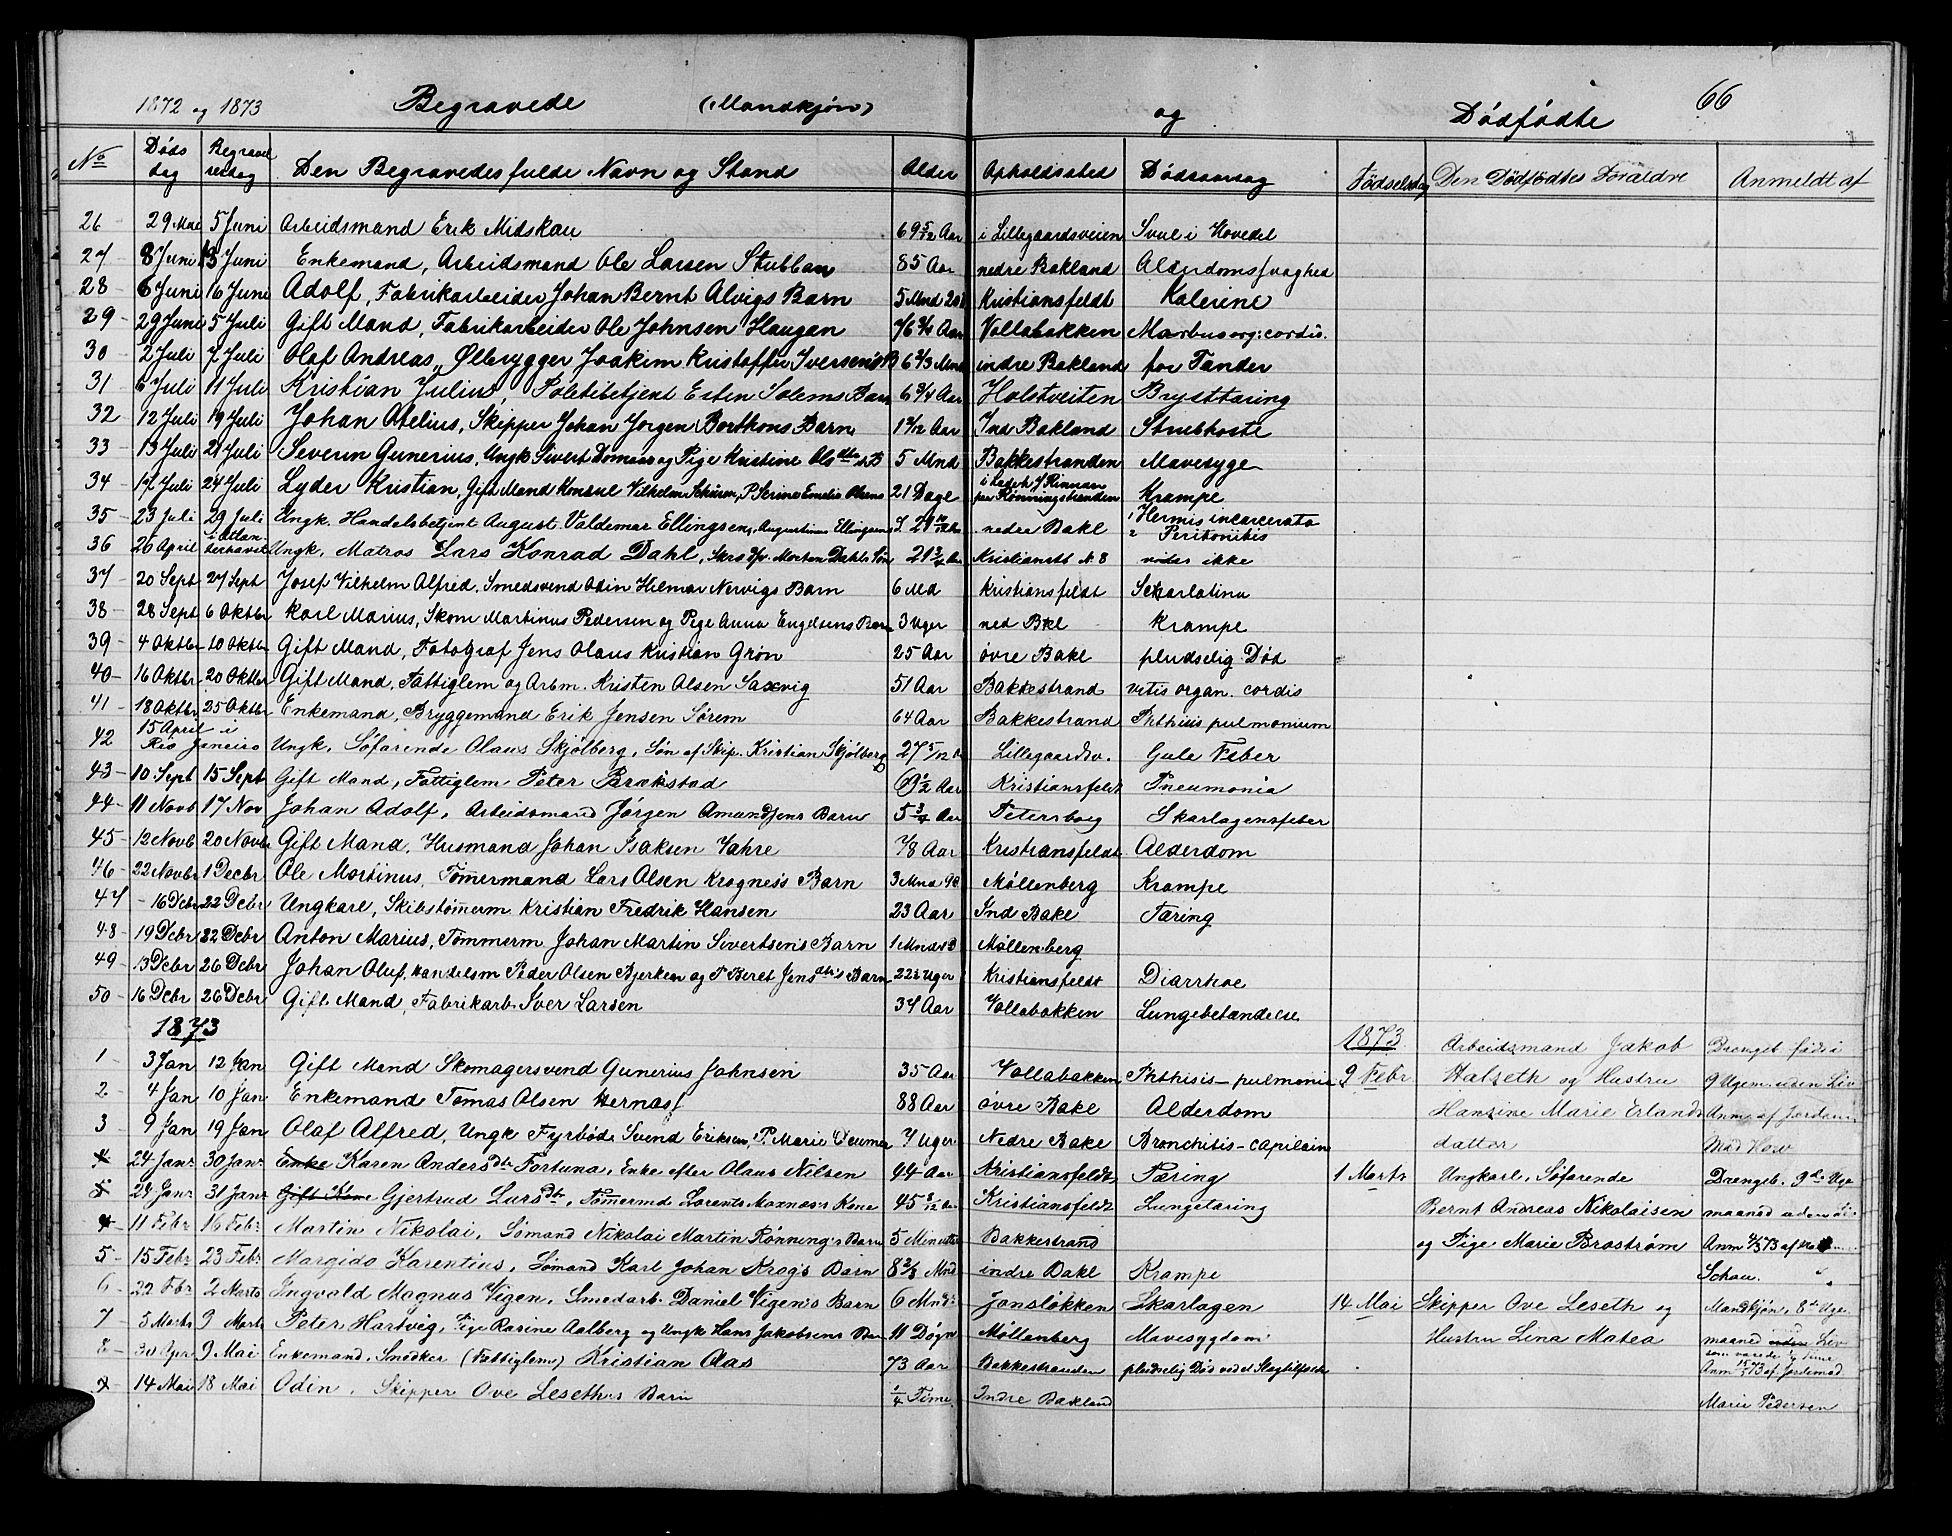 SAT, Ministerialprotokoller, klokkerbøker og fødselsregistre - Sør-Trøndelag, 604/L0221: Klokkerbok nr. 604C04, 1870-1885, s. 66